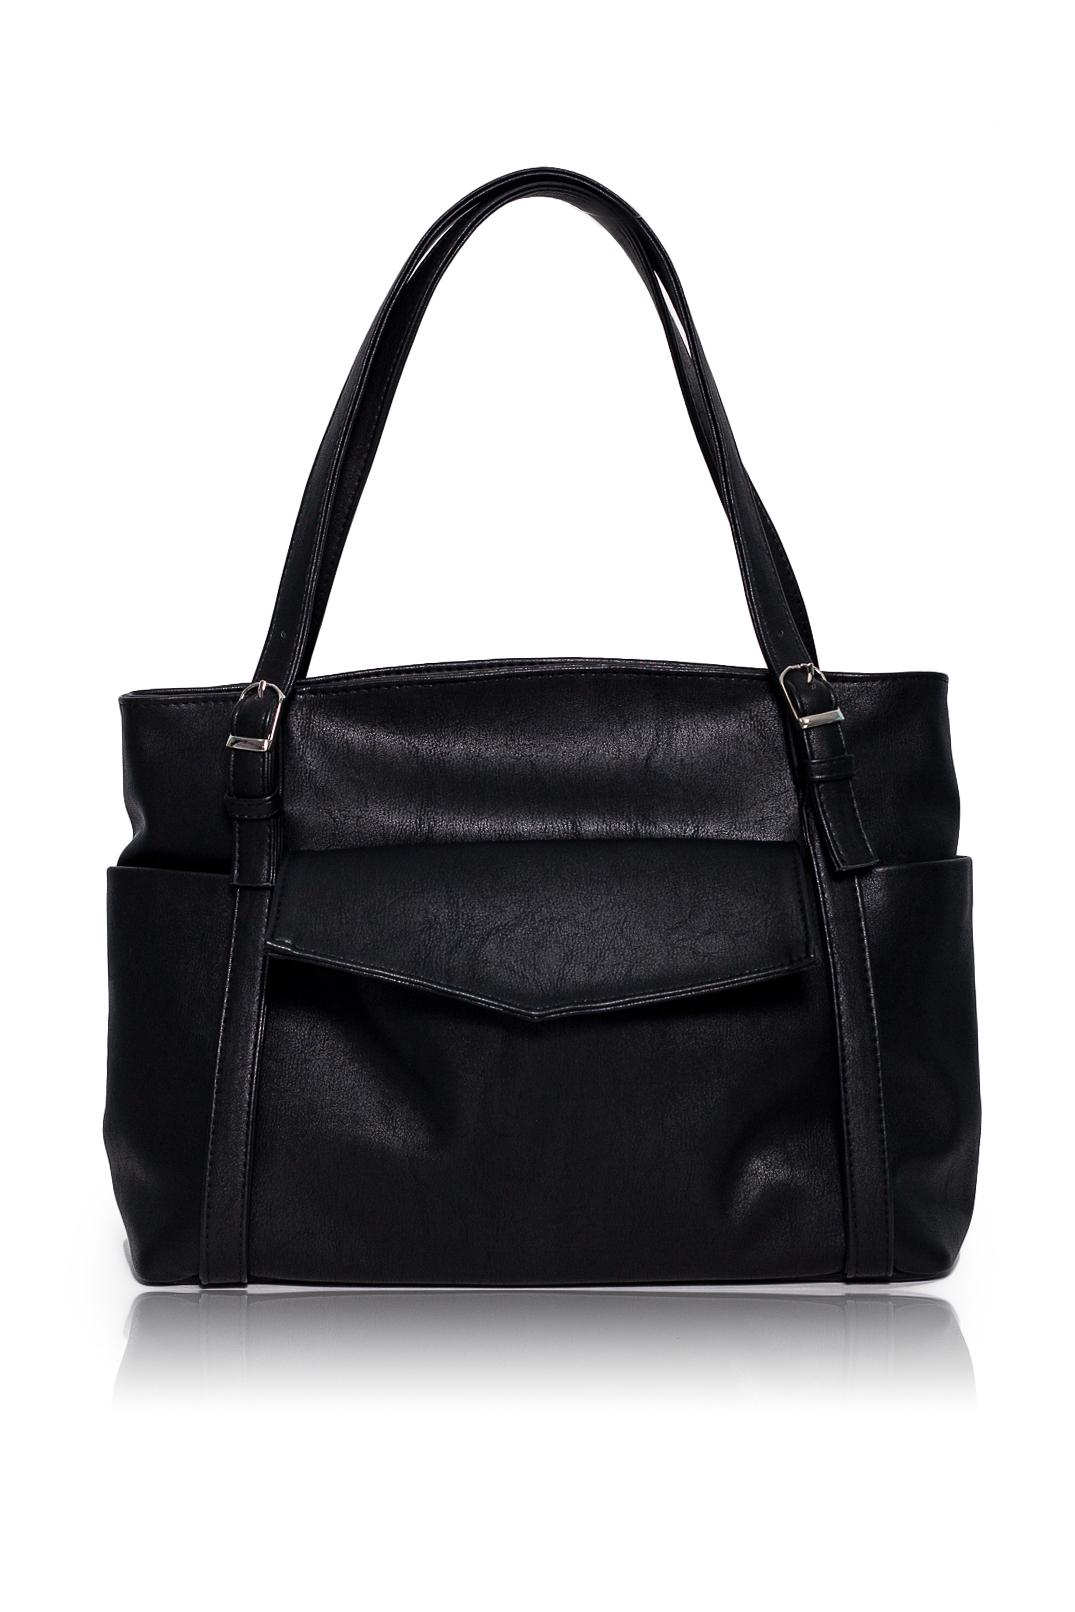 СумкаСумки-шоппинг<br>Женские сумки бренда DINESSI - это стильные аксессуары, которые по достоинству оценят представительницы прекрасного пола.  Сумка с застежкой на молнию. На передней части сумки накладной карман с клапаном и застежкой на магнит. Две лямки с регулировкой пряжками. Внутри два накладных кармана и карман на молнии.  Цвет: черный.  Длина - 42 ± 1 см Высота - 29 ± 1 см Глубина - 11,5 ± 1 см<br><br>Отделения: 1 отделение<br>По материалу: Искусственная кожа<br>По размеру: Крупные<br>По рисунку: Однотонные<br>По способу ношения: В руках,На плечо<br>По степени жесткости: Мягкие<br>По типу застежки: На магните,С застежкой молнией<br>По элементам: Карман на молнии,Карман под телефон,С отделочной фурнитурой<br>Ручки: Короткие<br>По форме: Прямоугольные<br>Размер : UNI<br>Материал: Искусственная кожа<br>Количество в наличии: 2